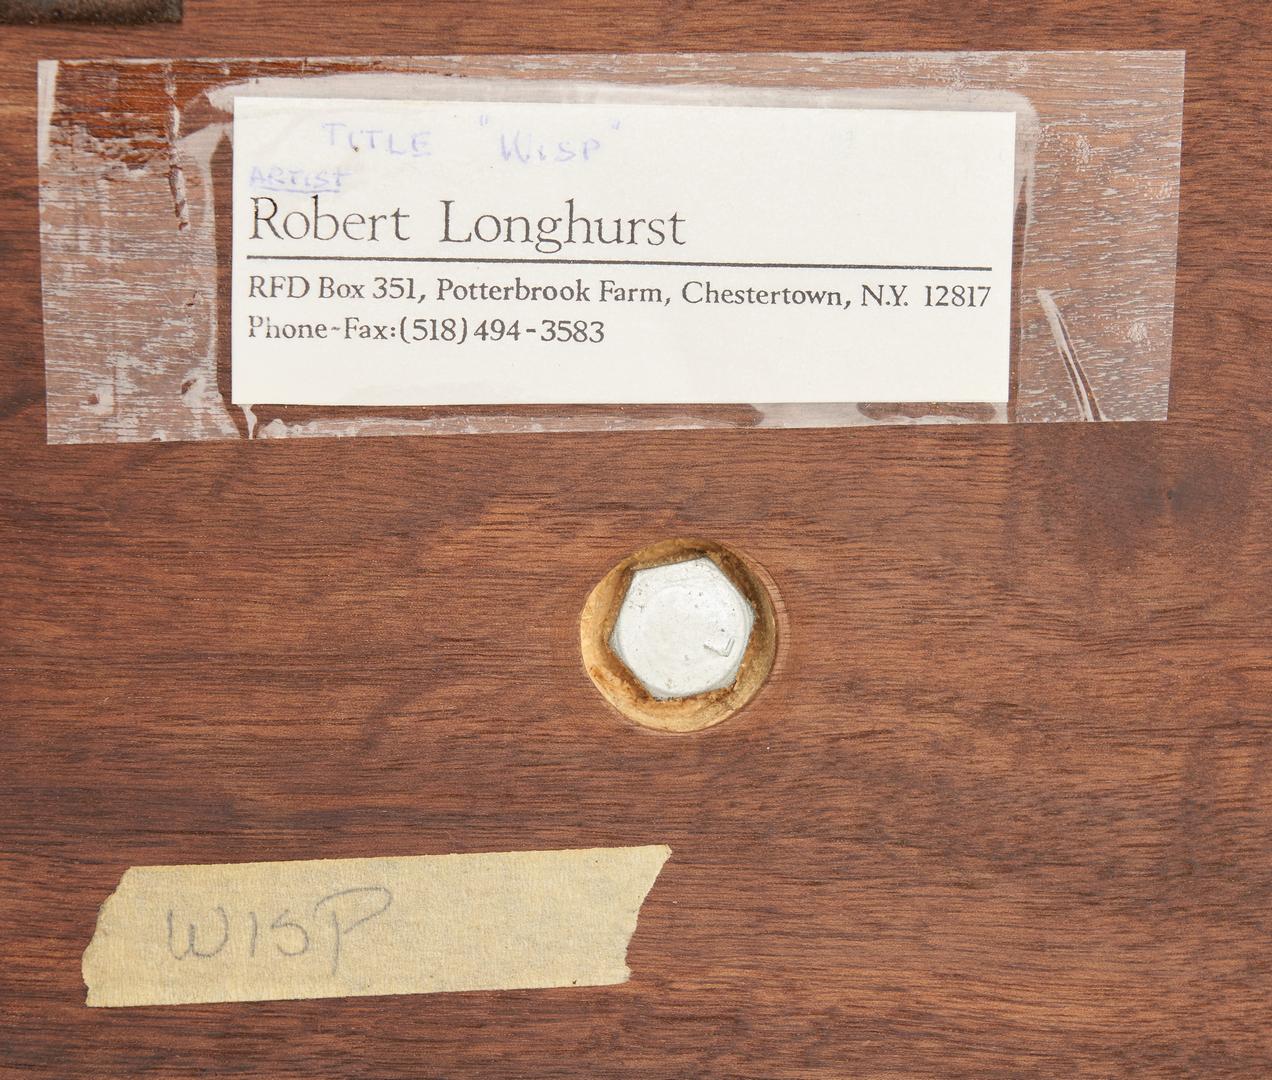 Lot 561: Robert Longhurst Abstract Wood Sculpture